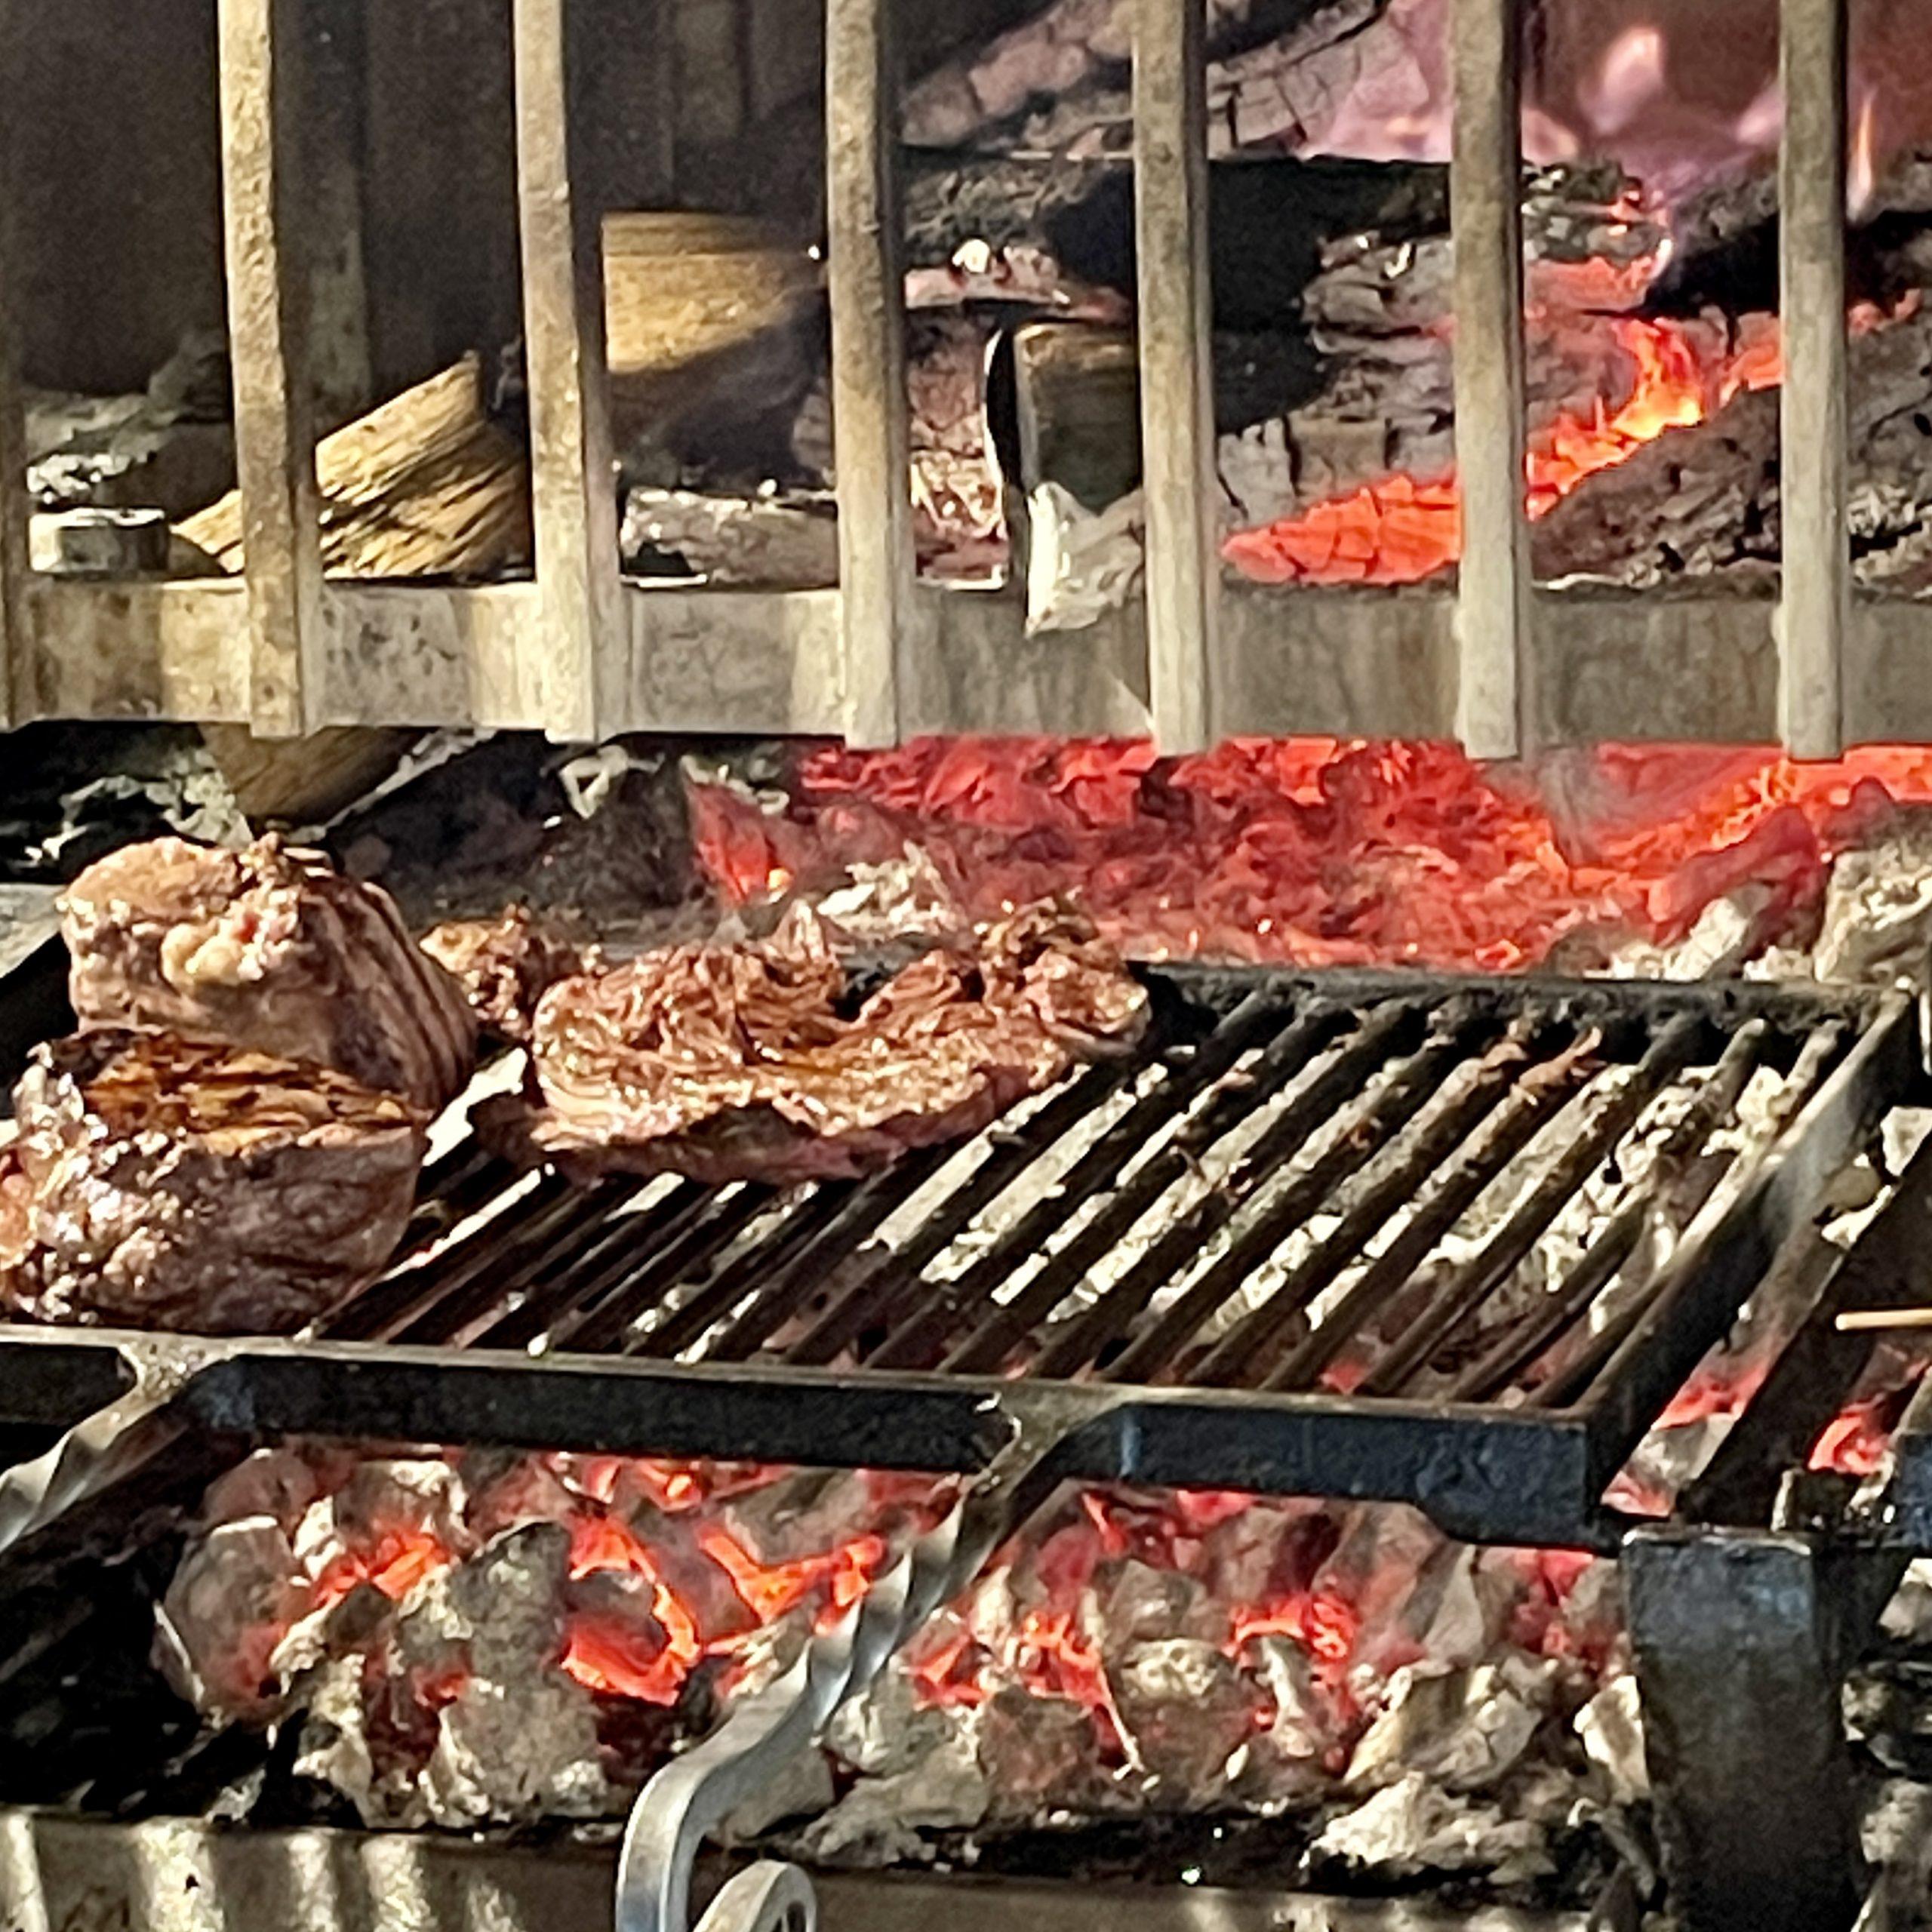 Les Meilleurs restaurants Pas de la Case Andorre El Carlit de Neu Steak House restaurant El Carlit. Le guide Gourmand pour bien manger au Restaurant El Carlit de Neu Steak House Pas de la Case Andorre